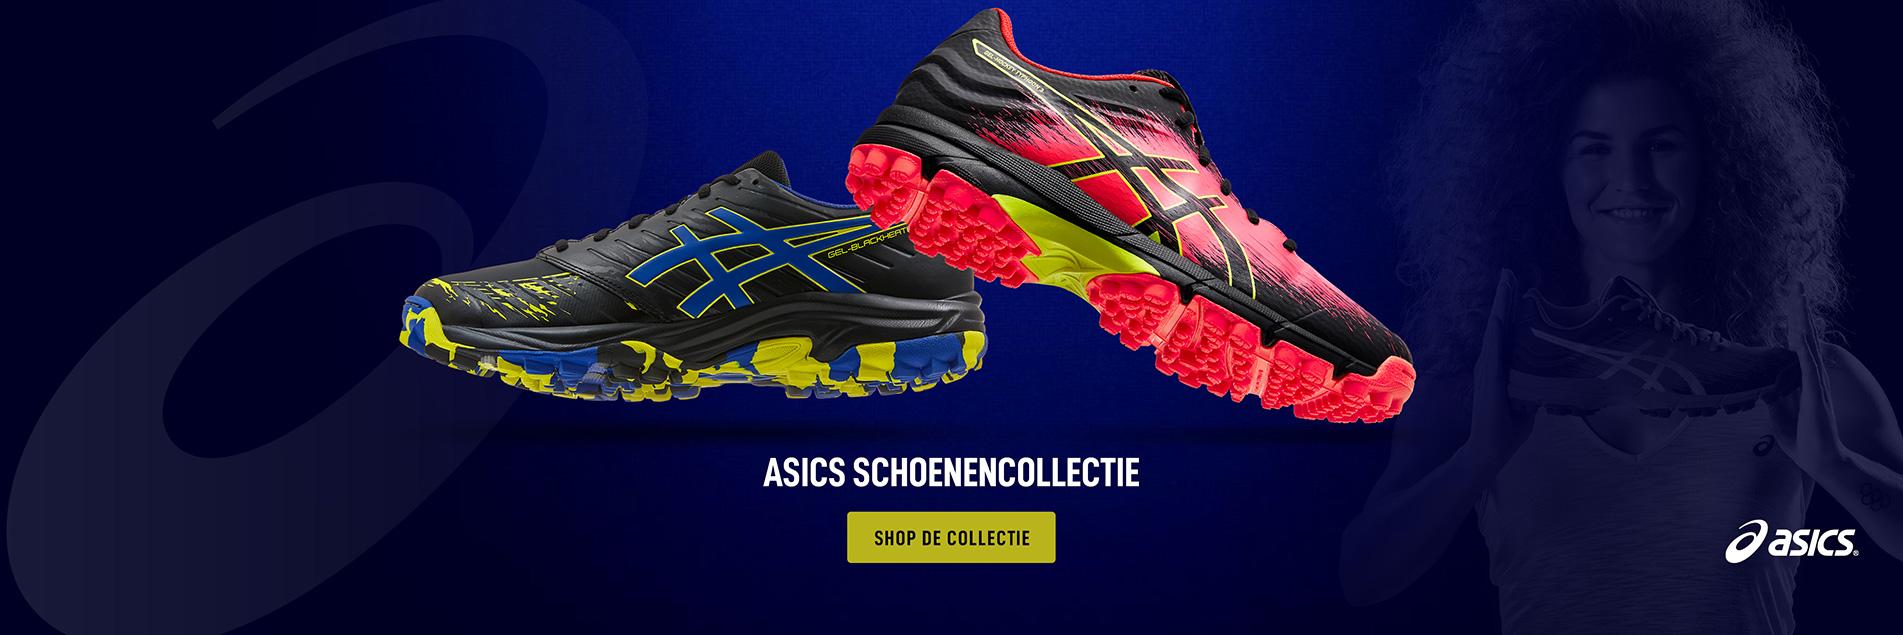 Asics schoenencollectie